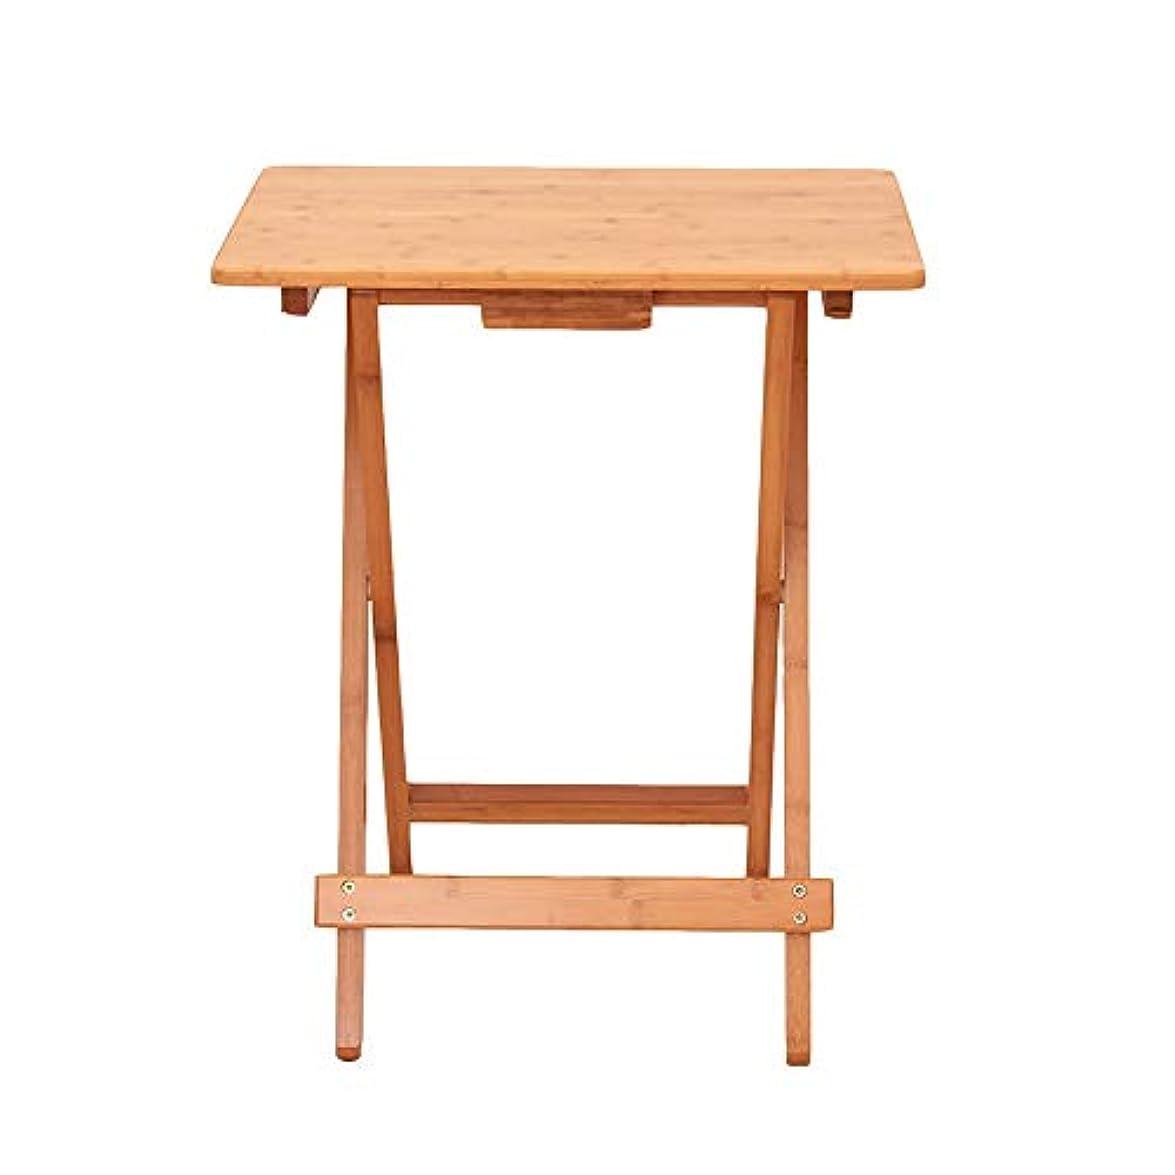 人形数学的な適度にLJHA zhuozi 折りたたみテーブル、ティーテーブルホーム折りたたみテーブルポータブルラップトップテーブル小さなテーブル屋外木材 (色 : A)